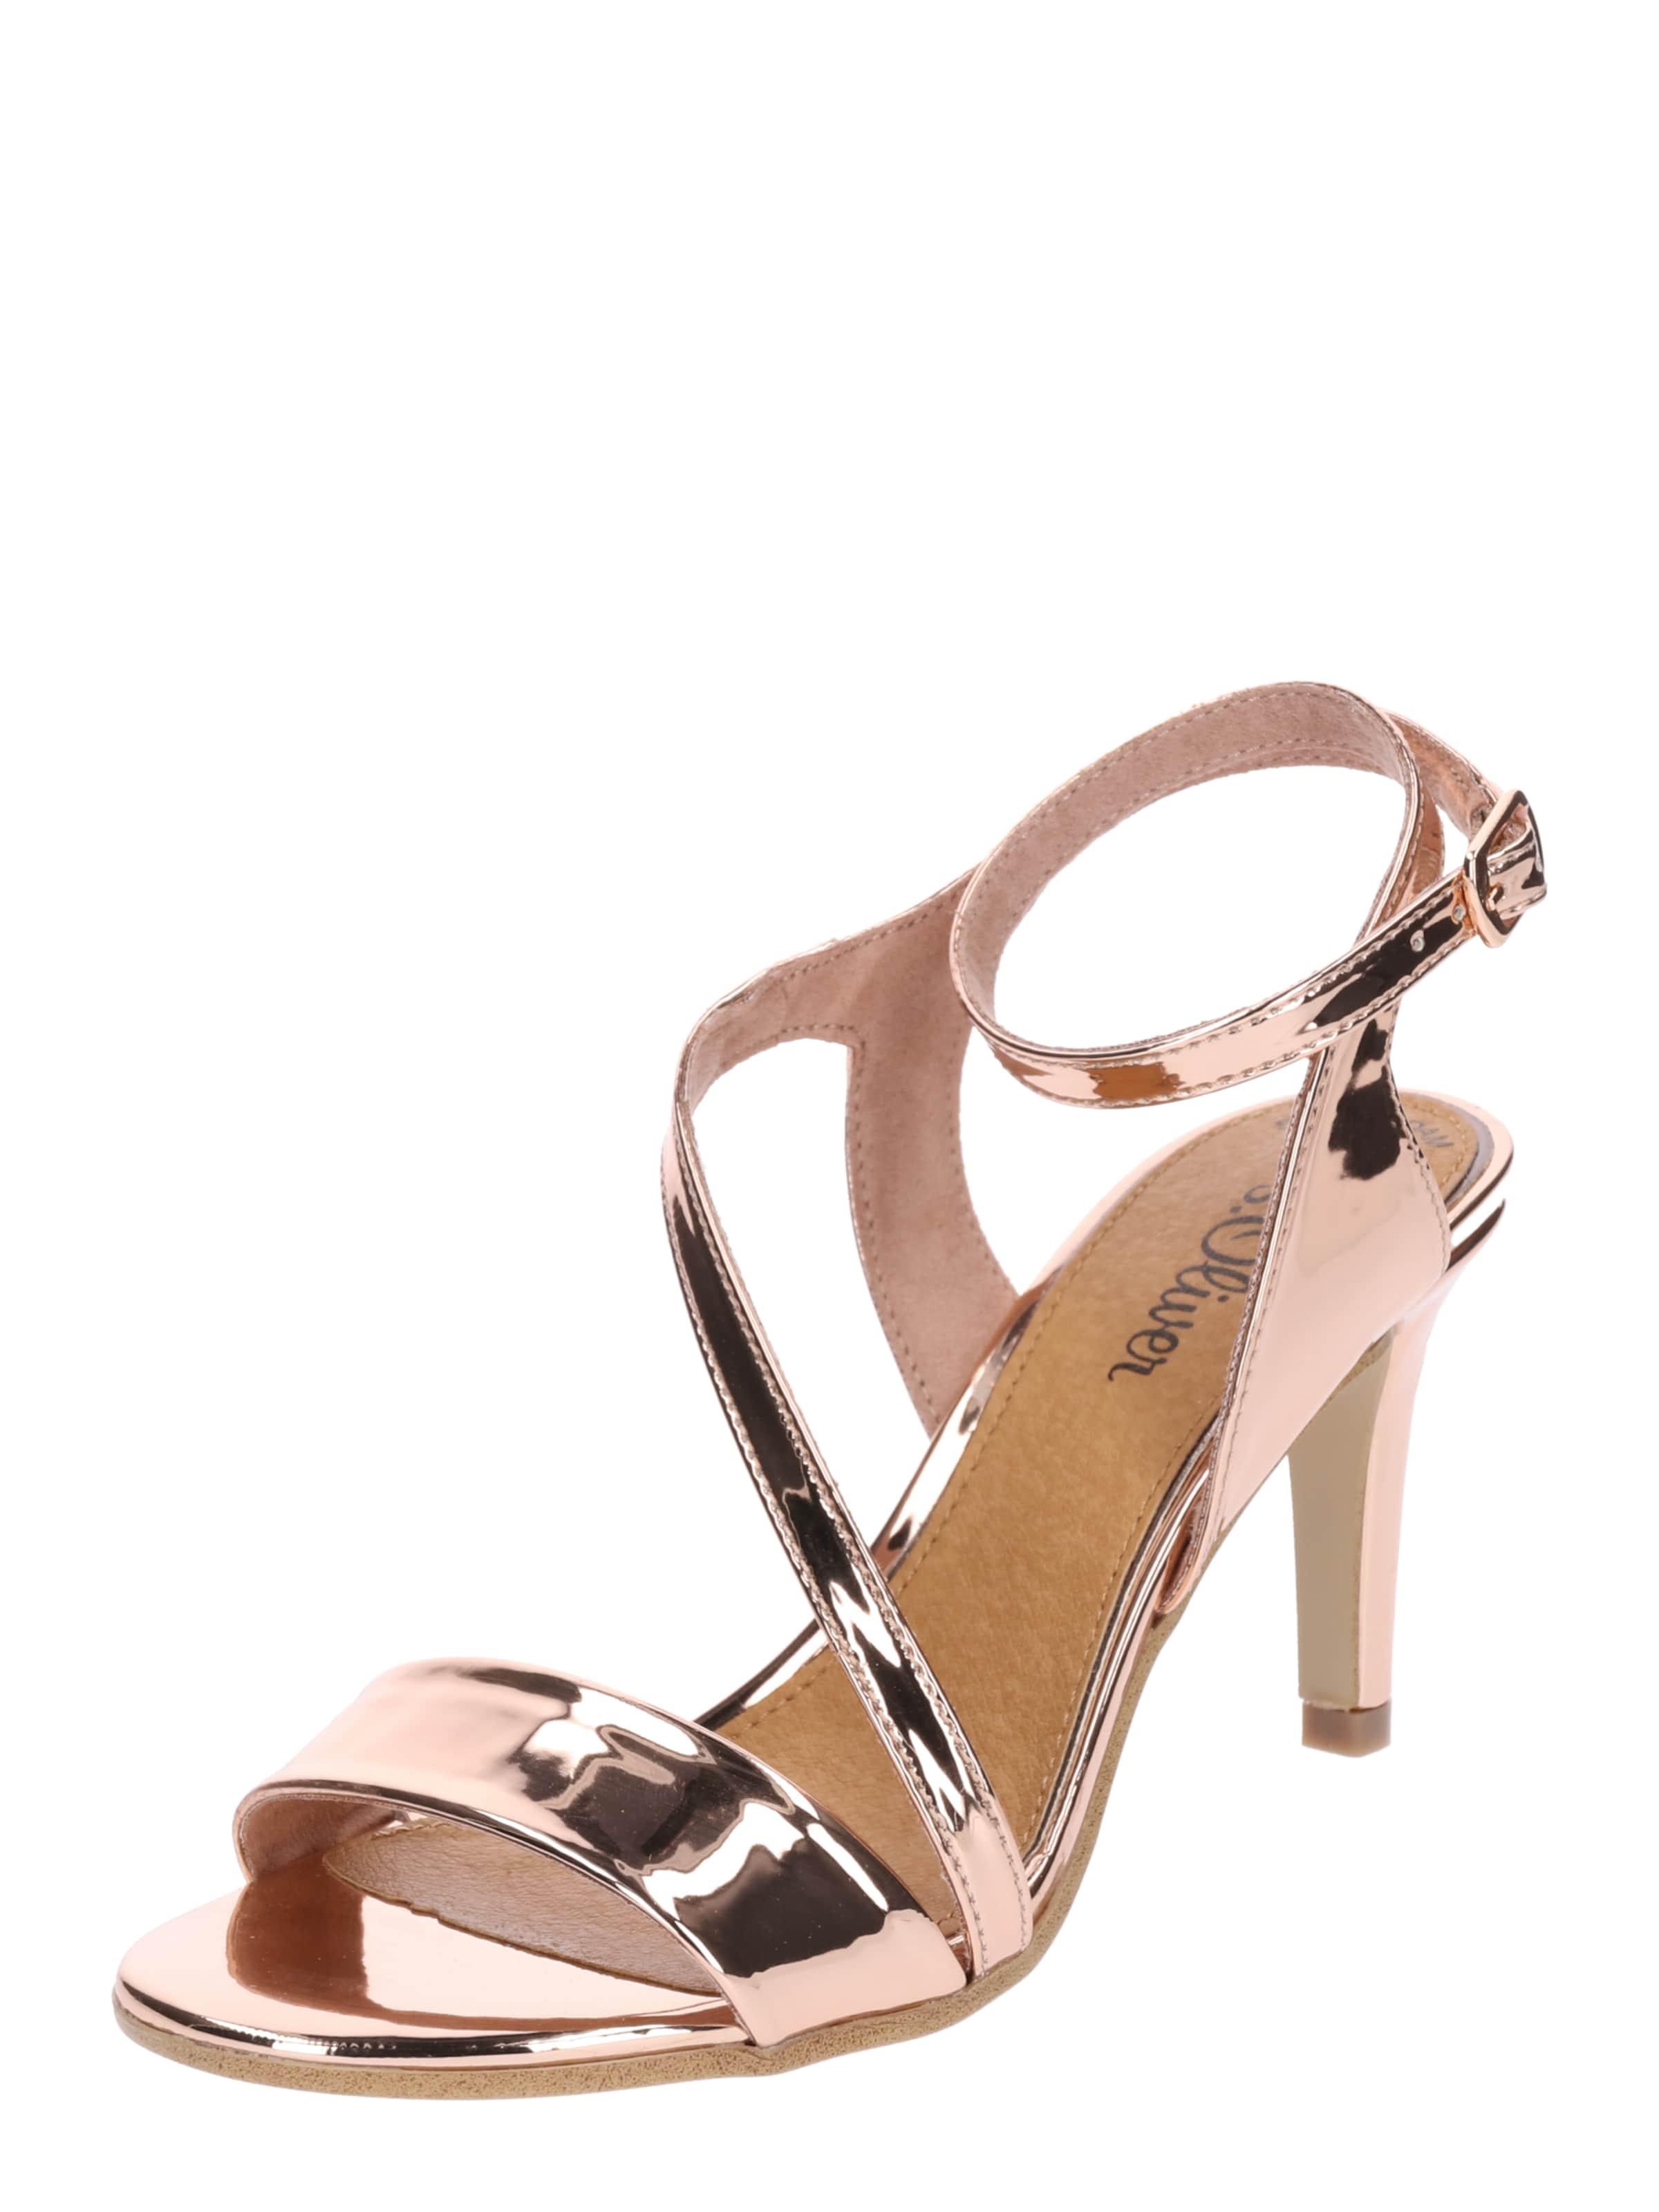 s.Oliver RED LABEL Sandalette Günstige und langlebige Schuhe